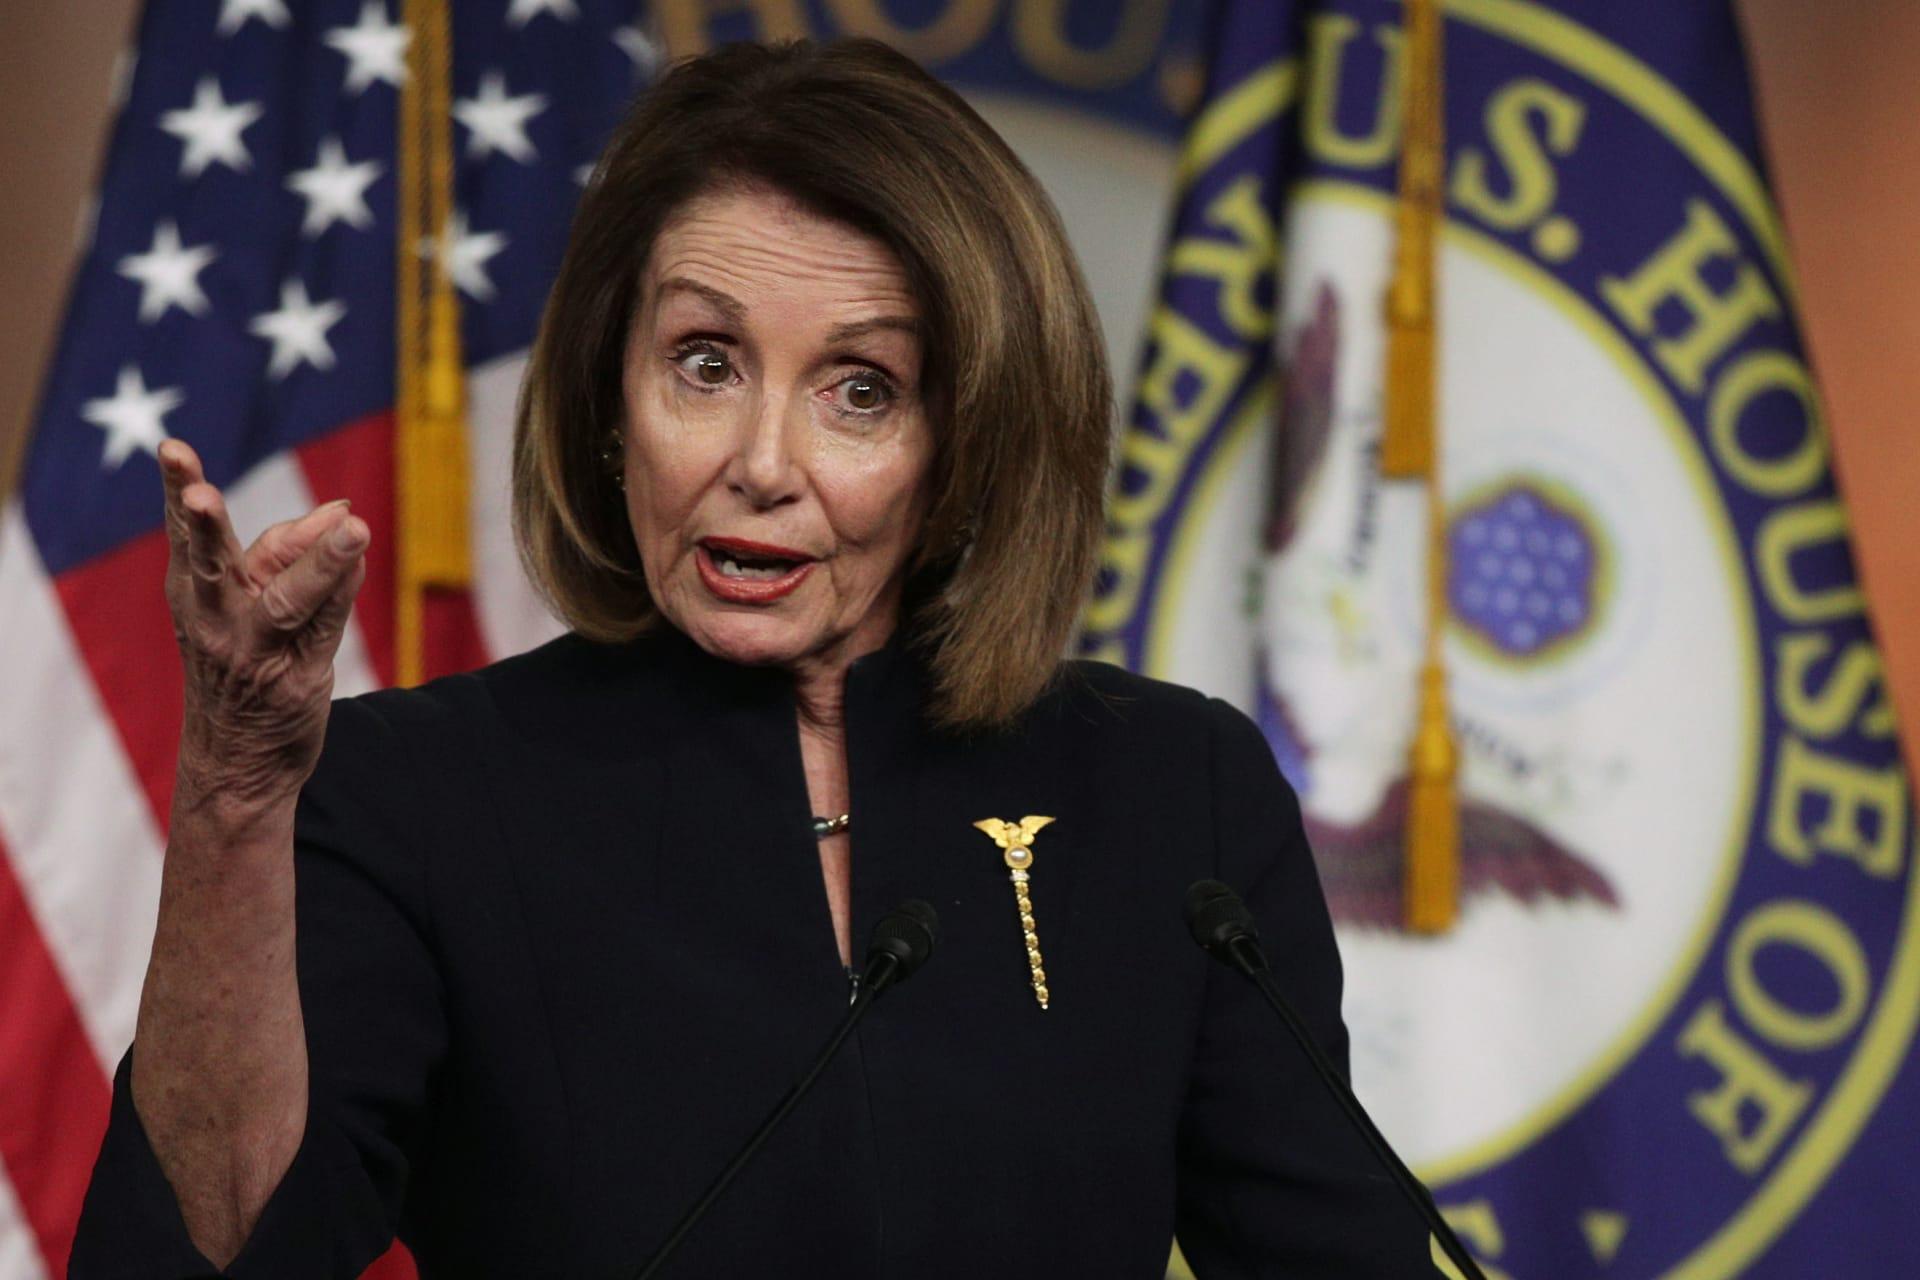 مجلس النواب الأمريكي يمرر حزمة مساعدات بقيمة 1.9 تريليون دولار للاستشفاء الاقتصادي من الجائحة